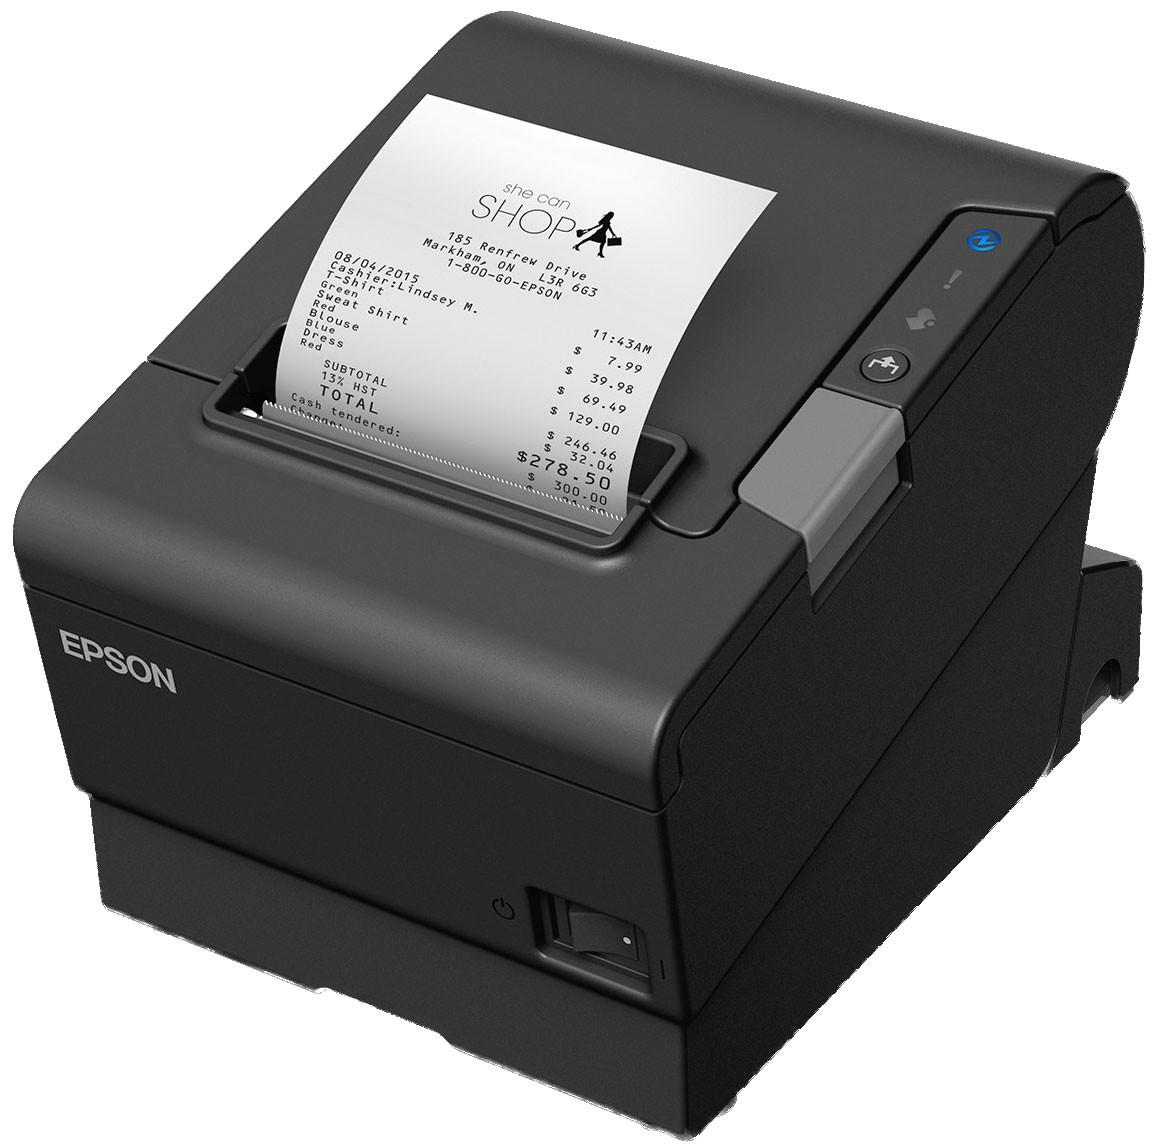 epson tmt88vi serial printer black tm886sng